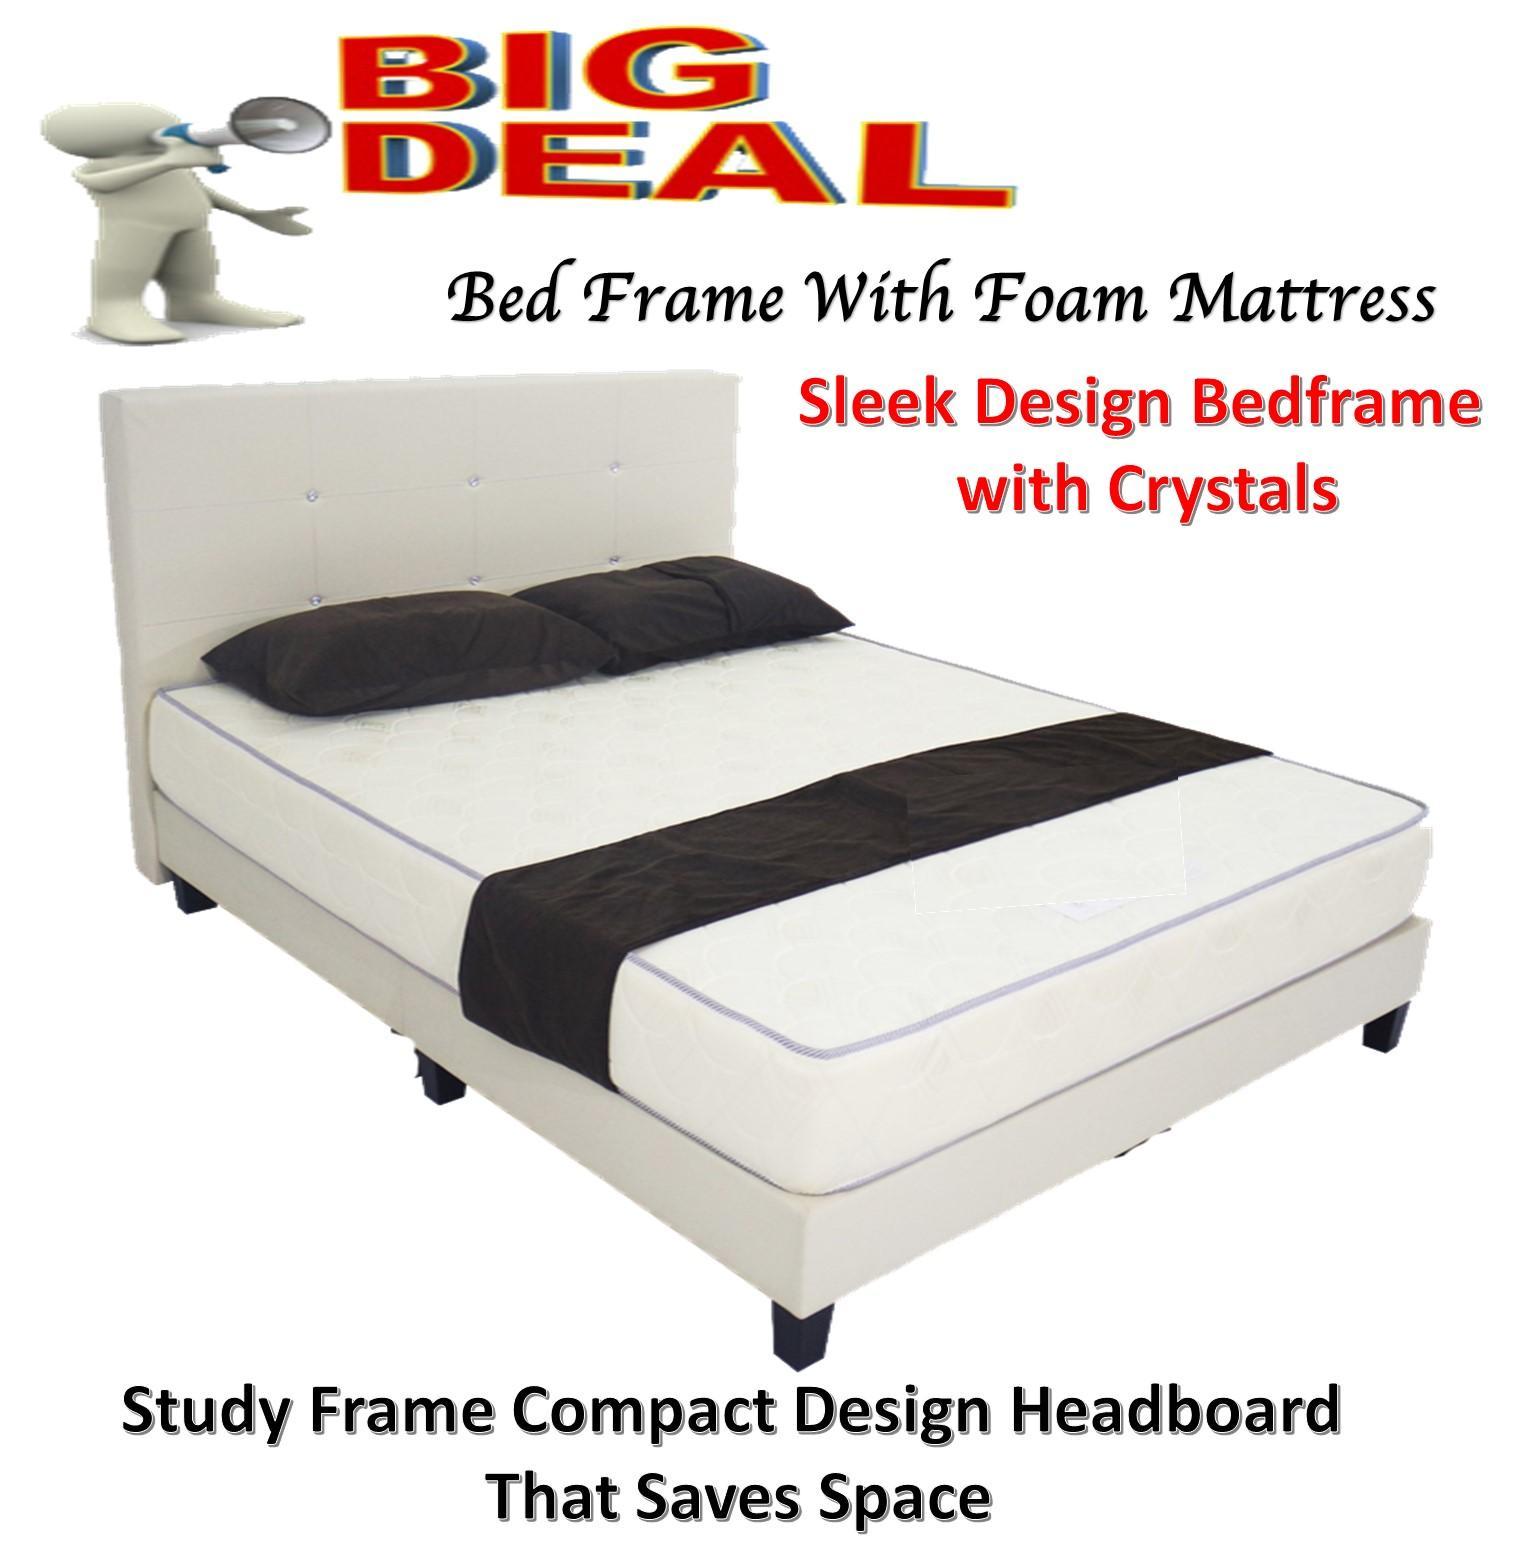 Sleek Bedframe with Foam Mattress